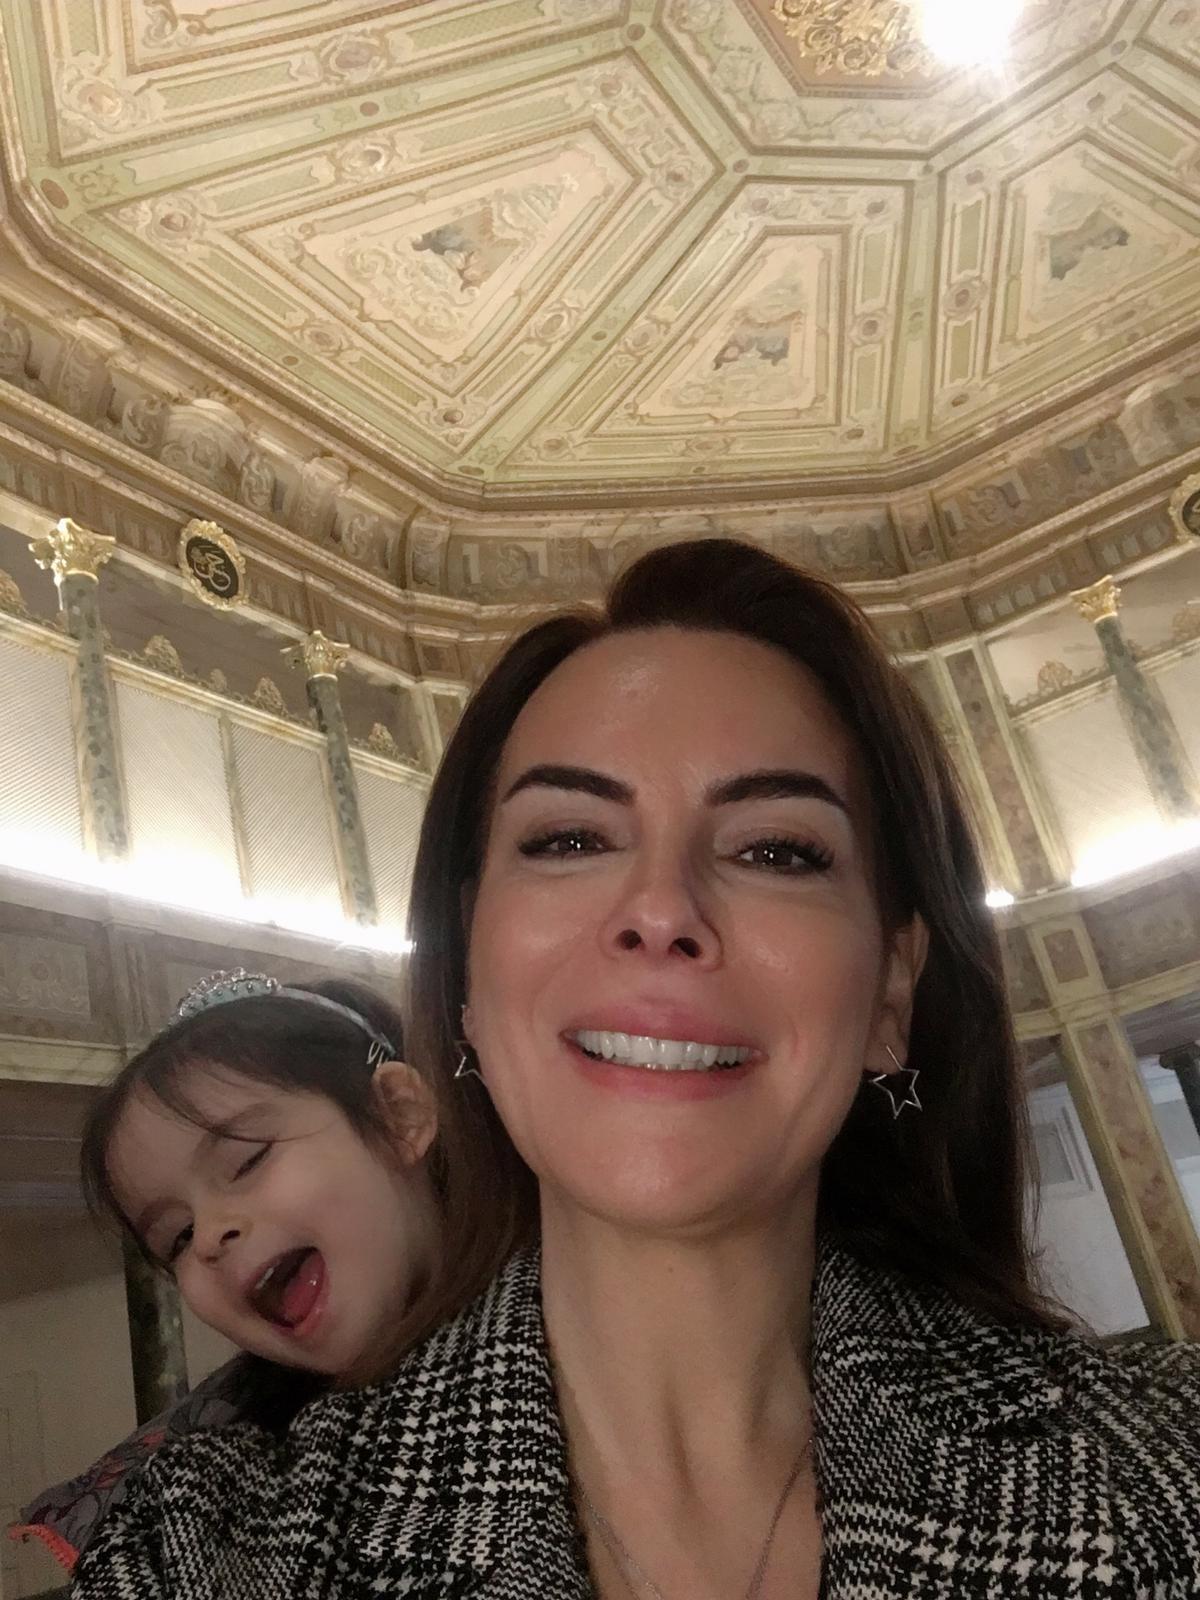 Oyuncu Seren Fosforoğlu, Uluslararası Müzede Selfie Günü etkinliğine katıldı